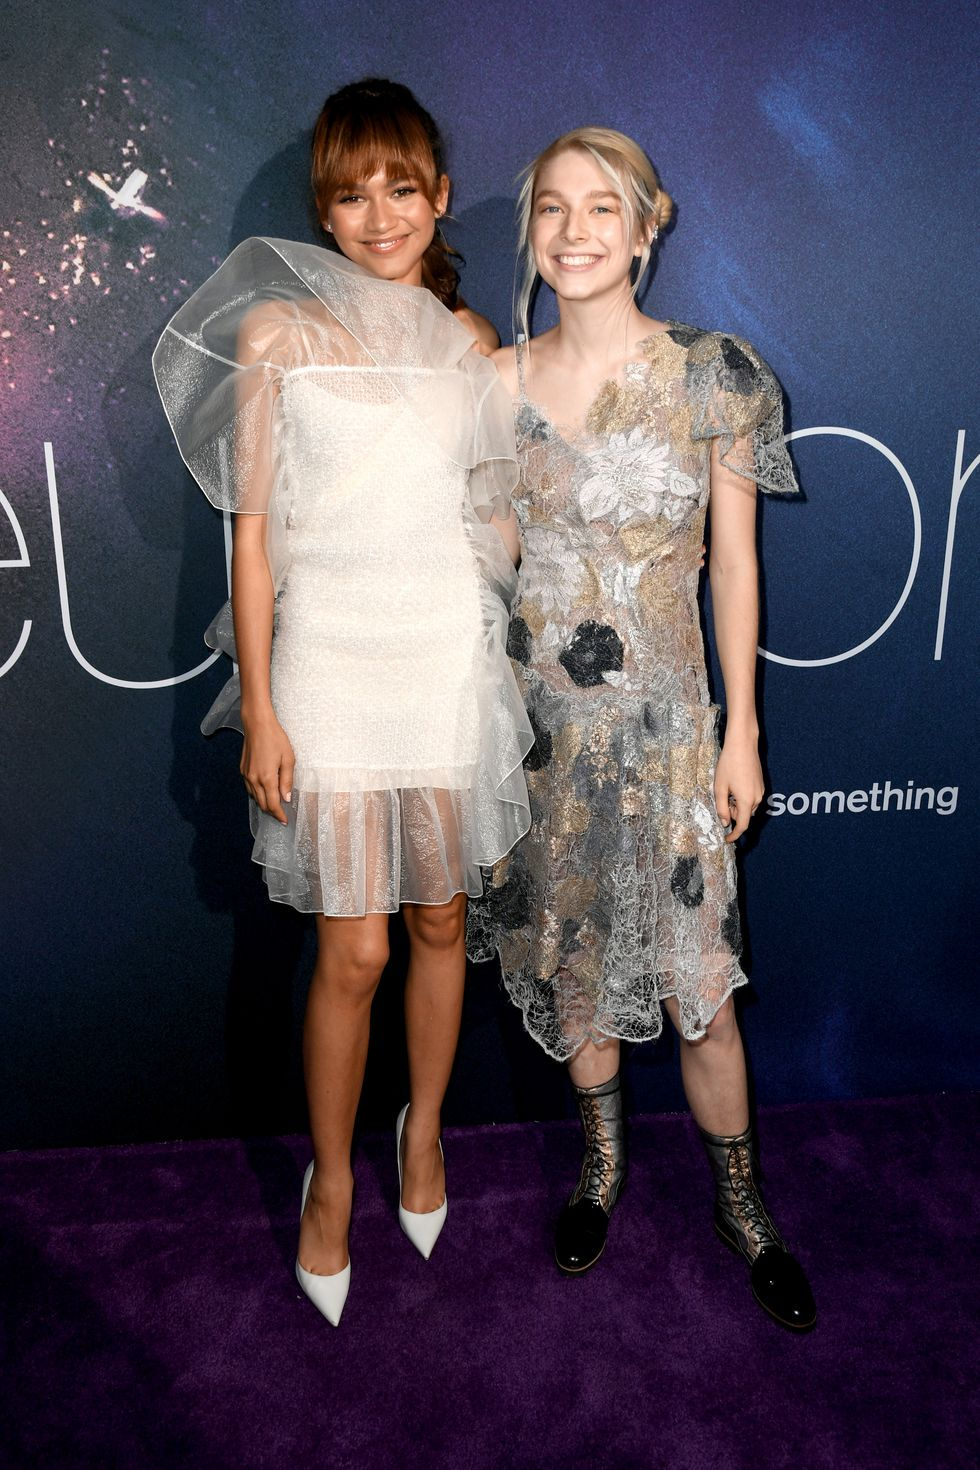 Dwie aktorki na ściance ubrane w zwiewne i eteryczne sukienki